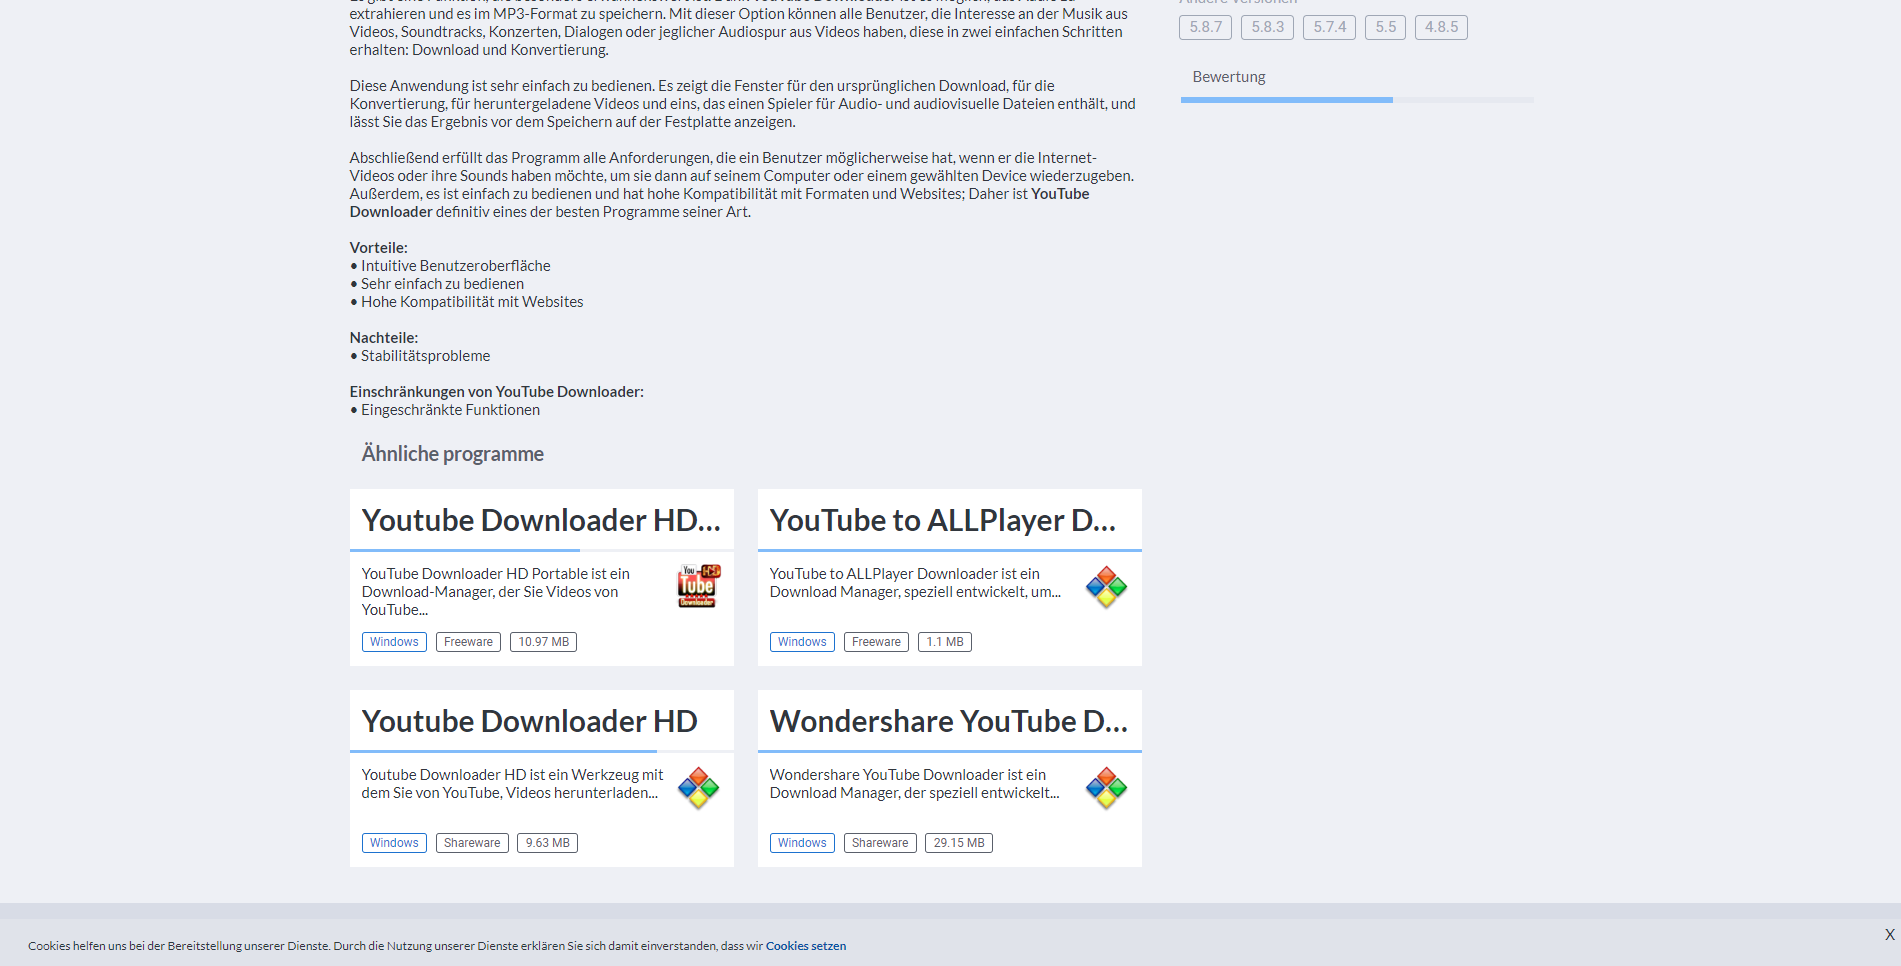 Vor-Video-Downloader